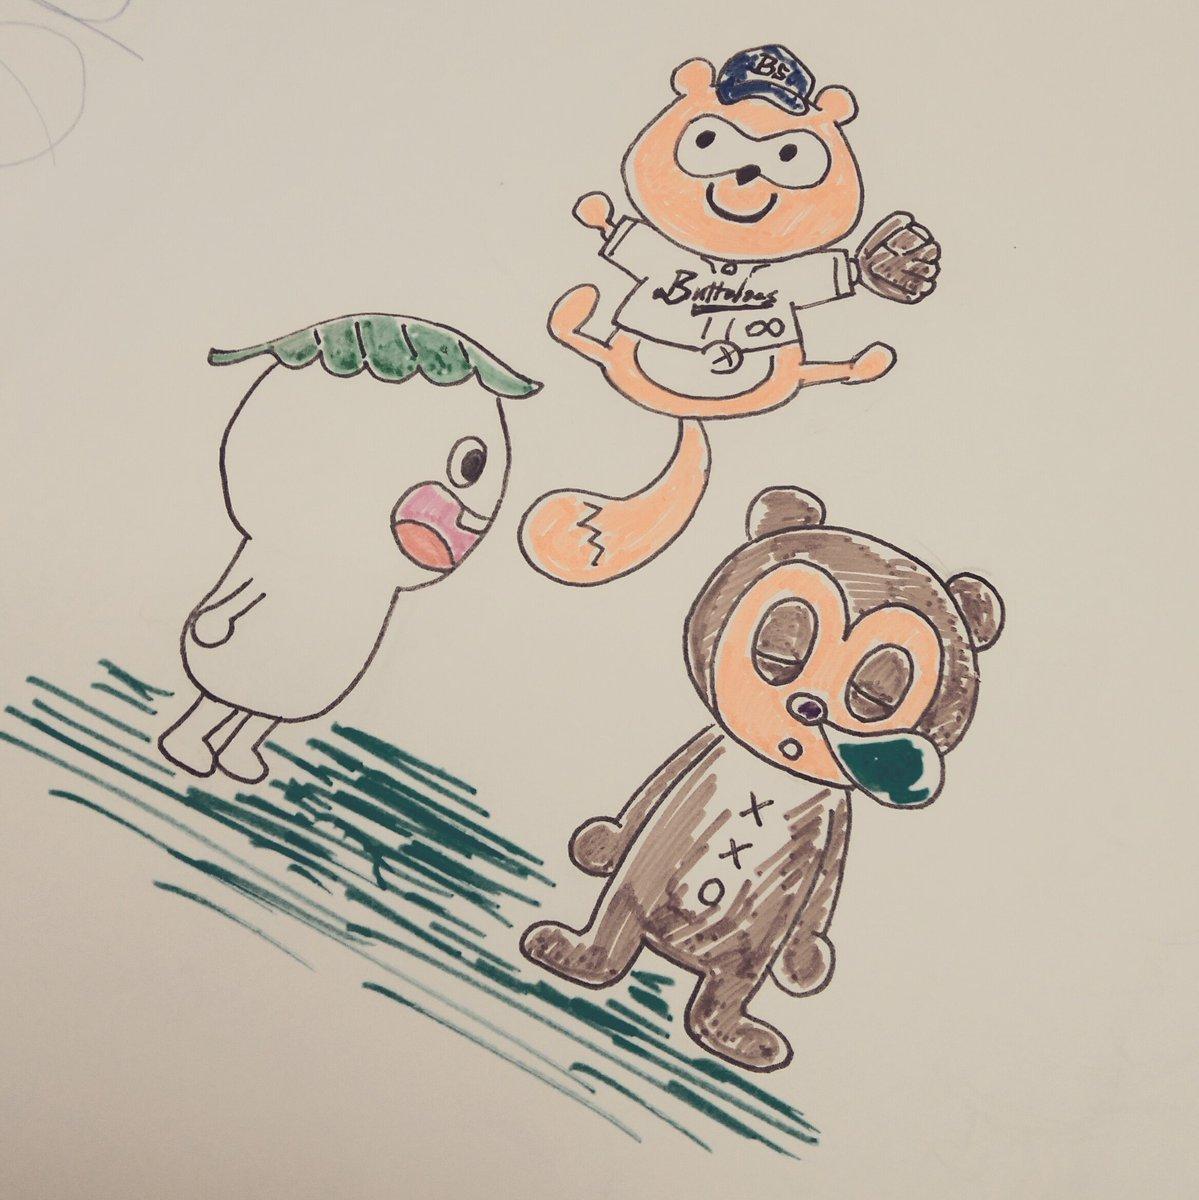 お気に入りキャラクター3傑:・バファローズポンタ(オリックスバファローズ)・しろ(どちゃもん じゅにあ)・PJベリー(パ